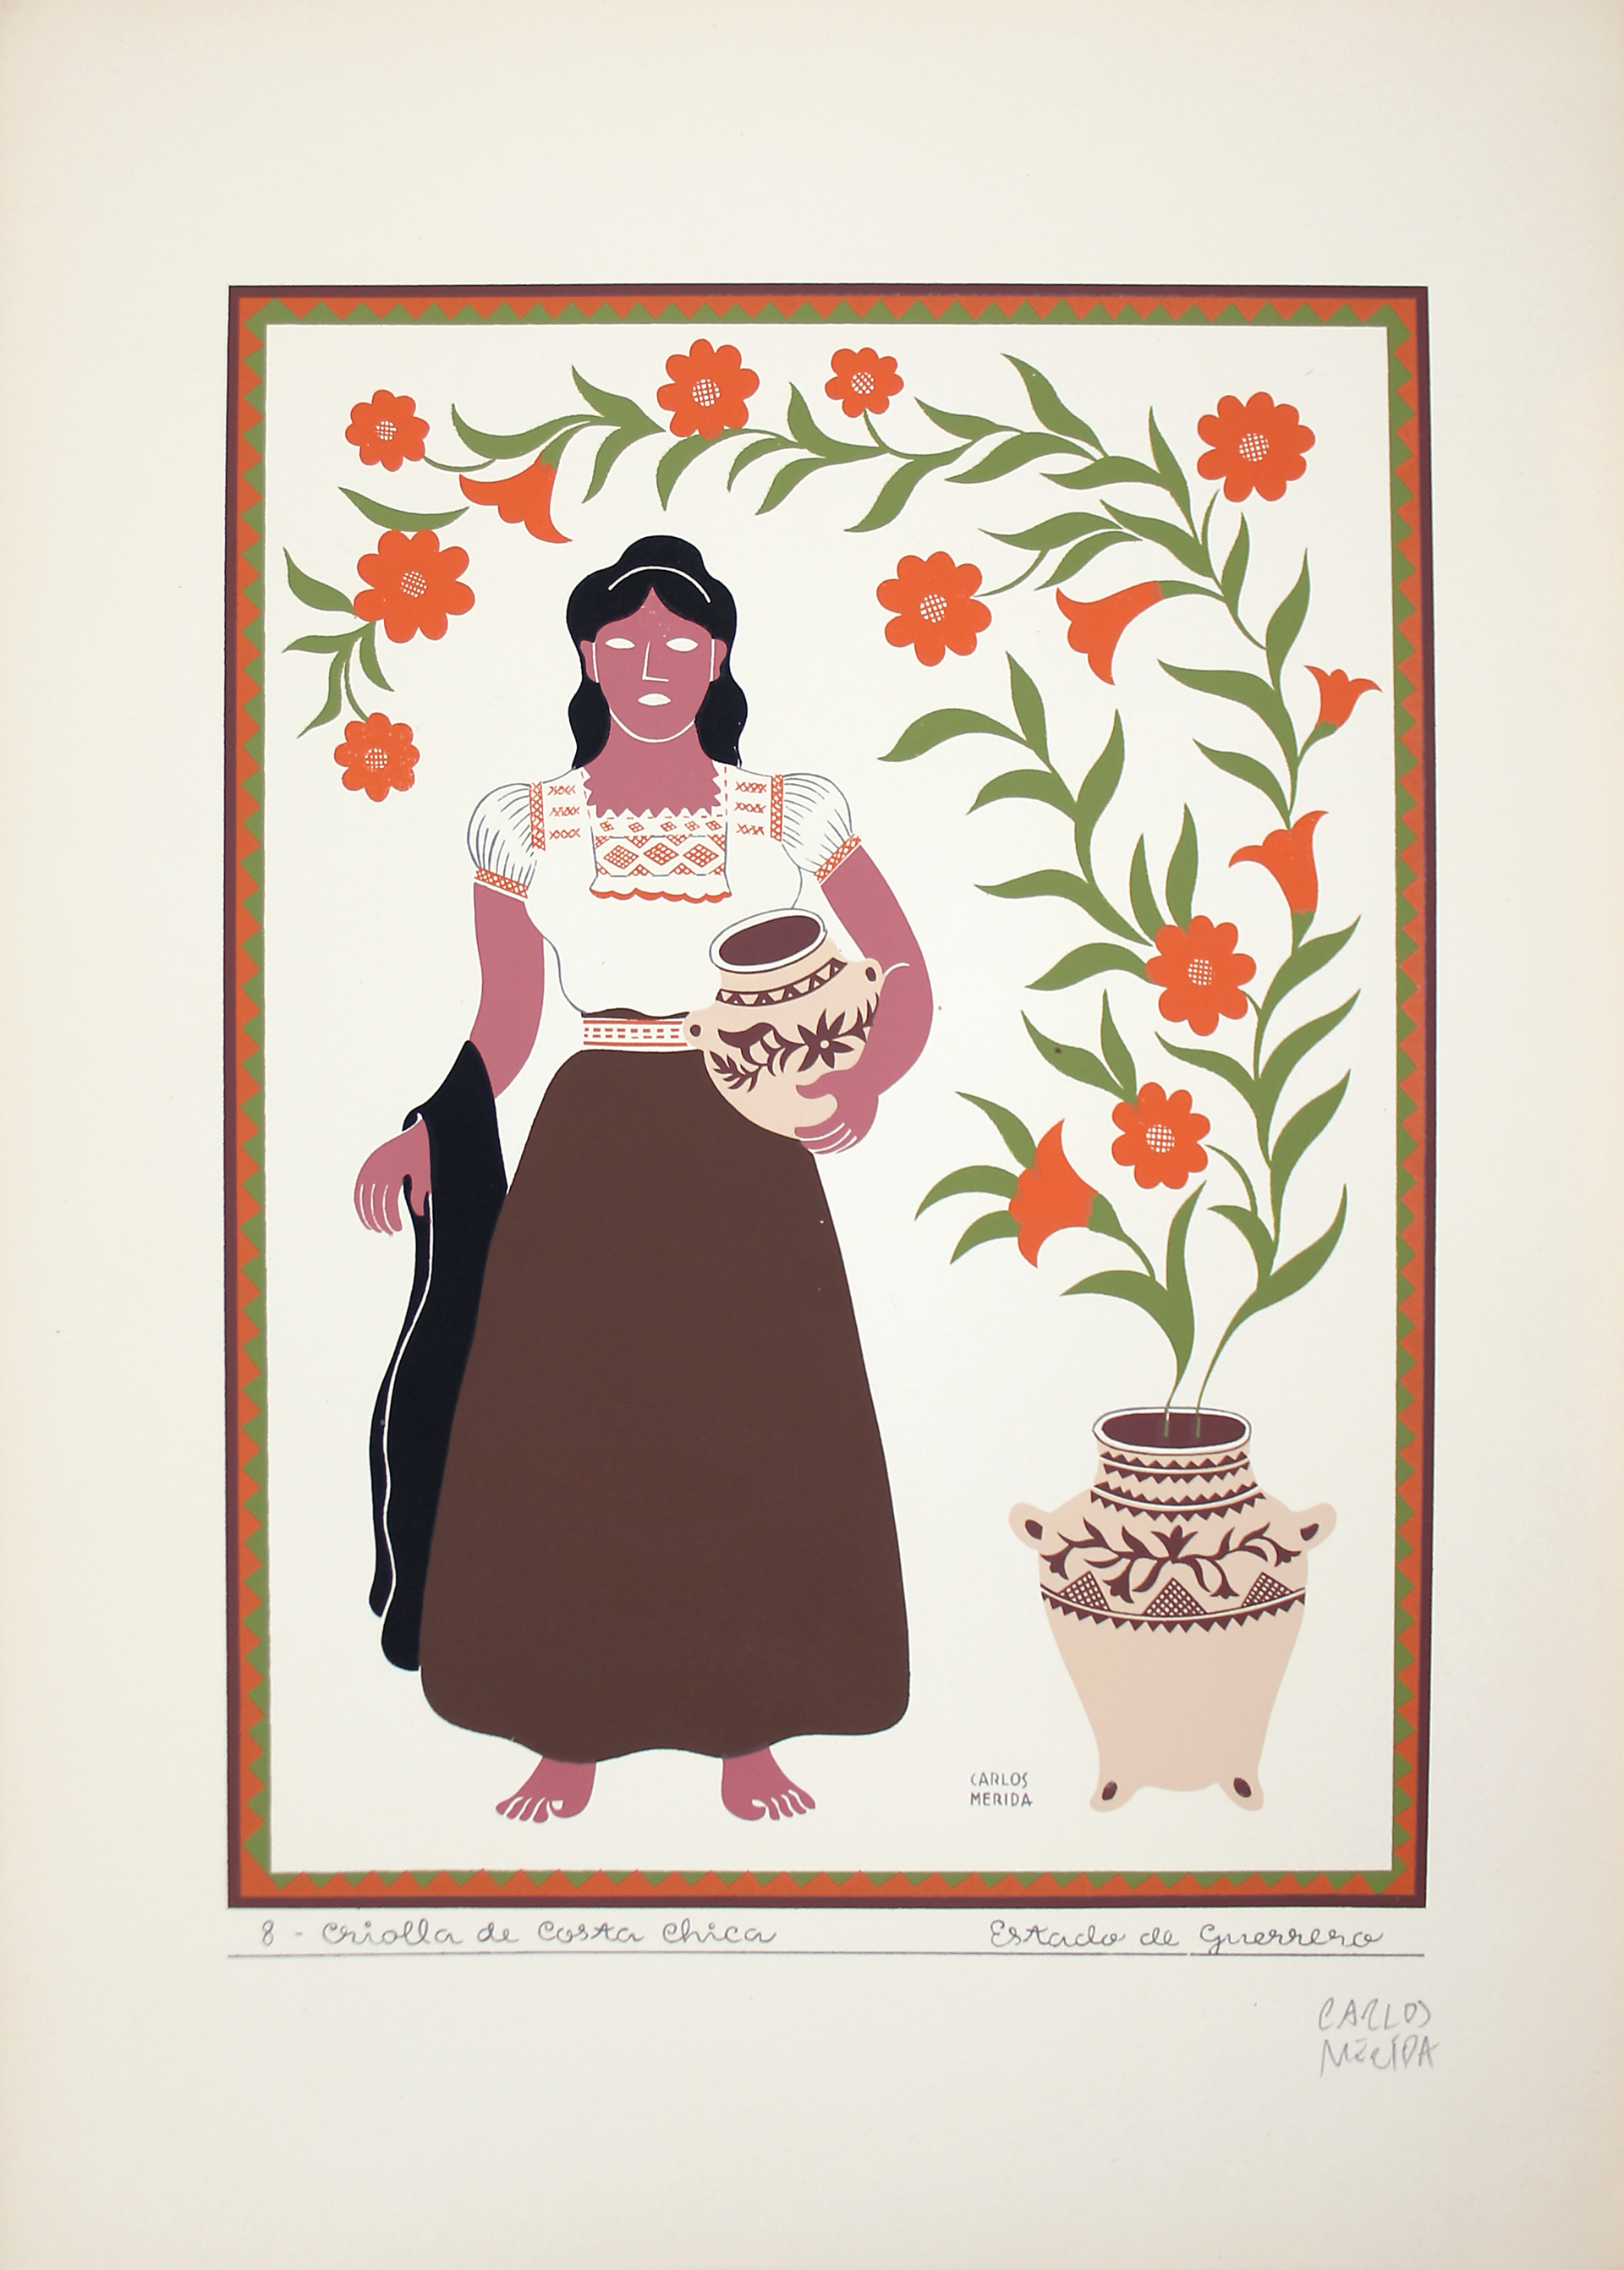 Criolla de Costa Chica, Estado de Guerrero by Carlos Mérida (1891 - 1985)